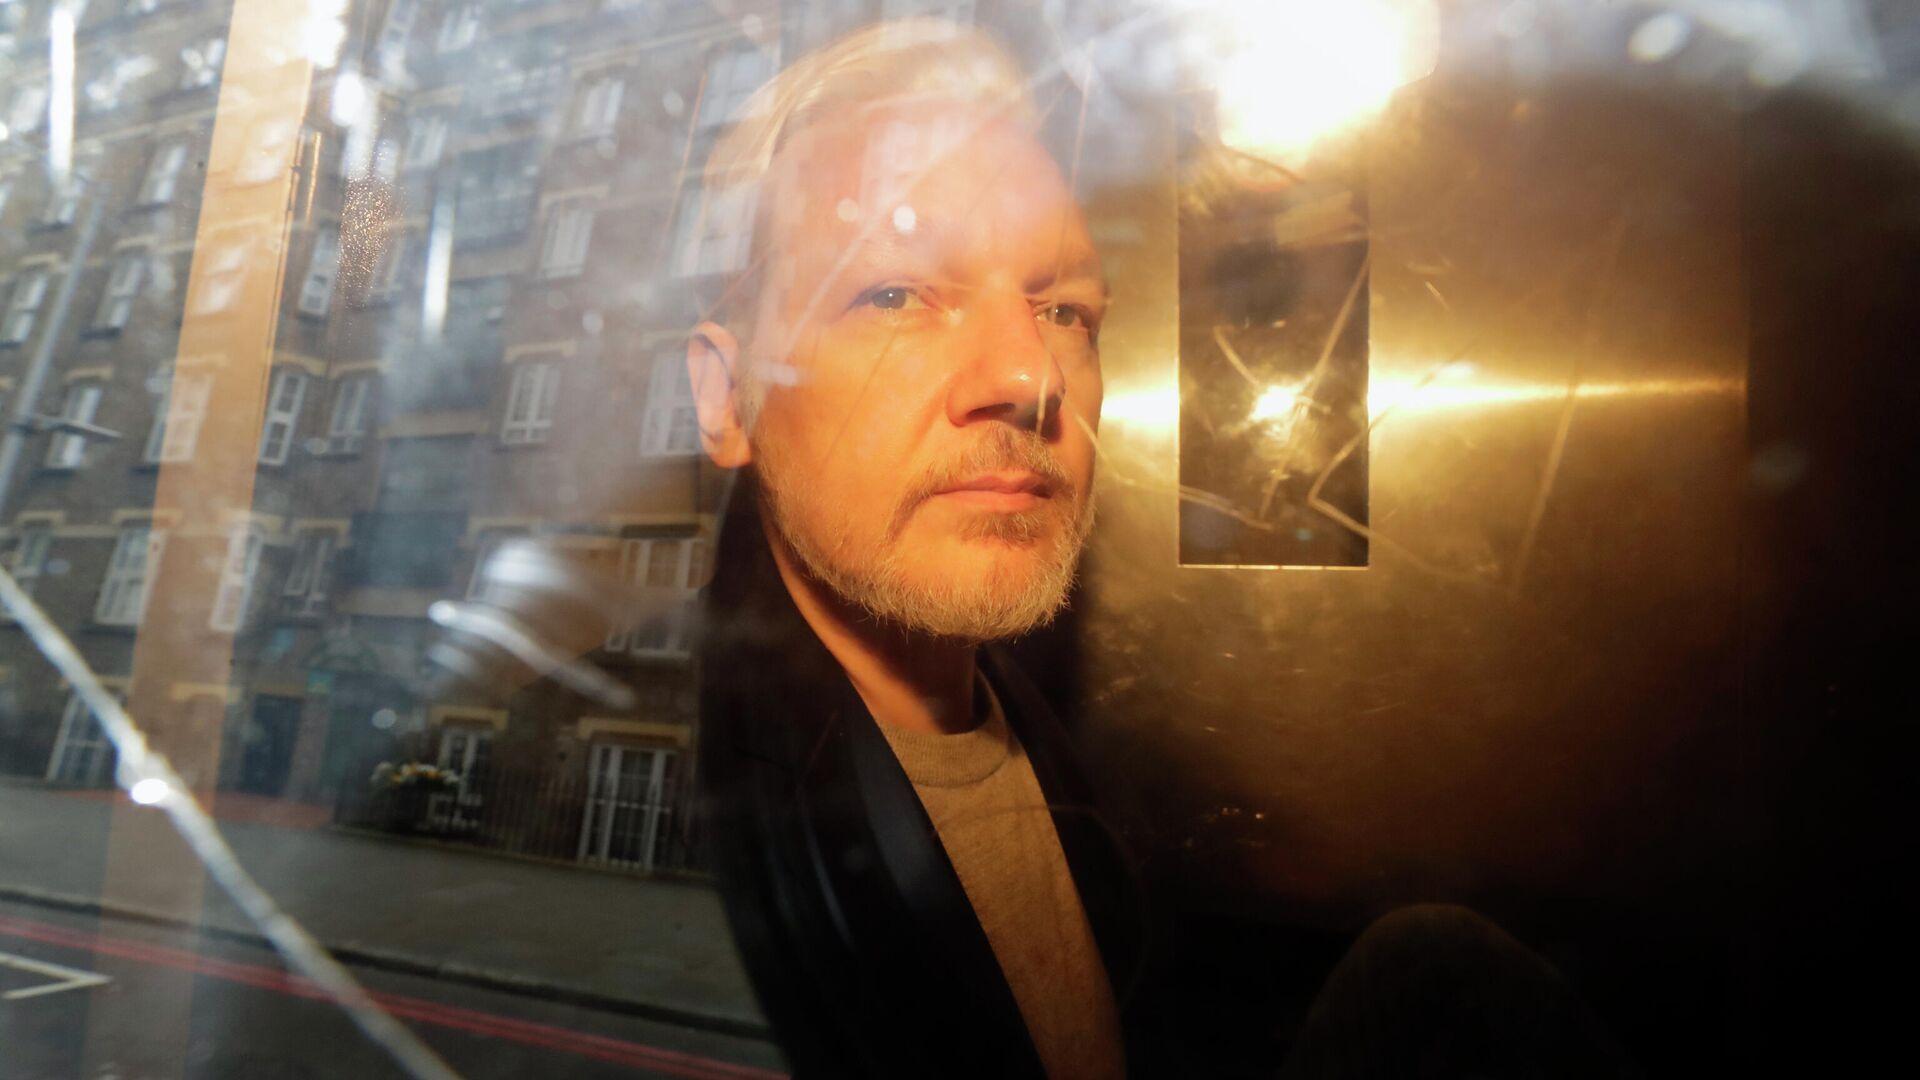 Основатель WikiLeaks Джулиан Ассанж у здания суда в Лондоне, Великобритания. 1 мая 2019 - РИА Новости, 1920, 26.06.2021